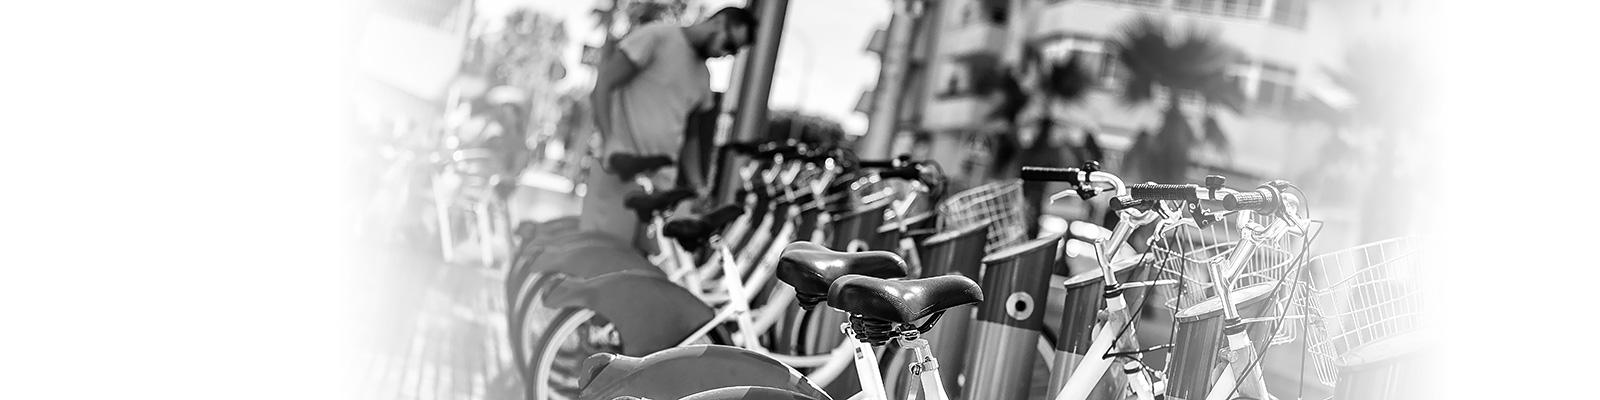 自転車 シェア ユーザー イメージ